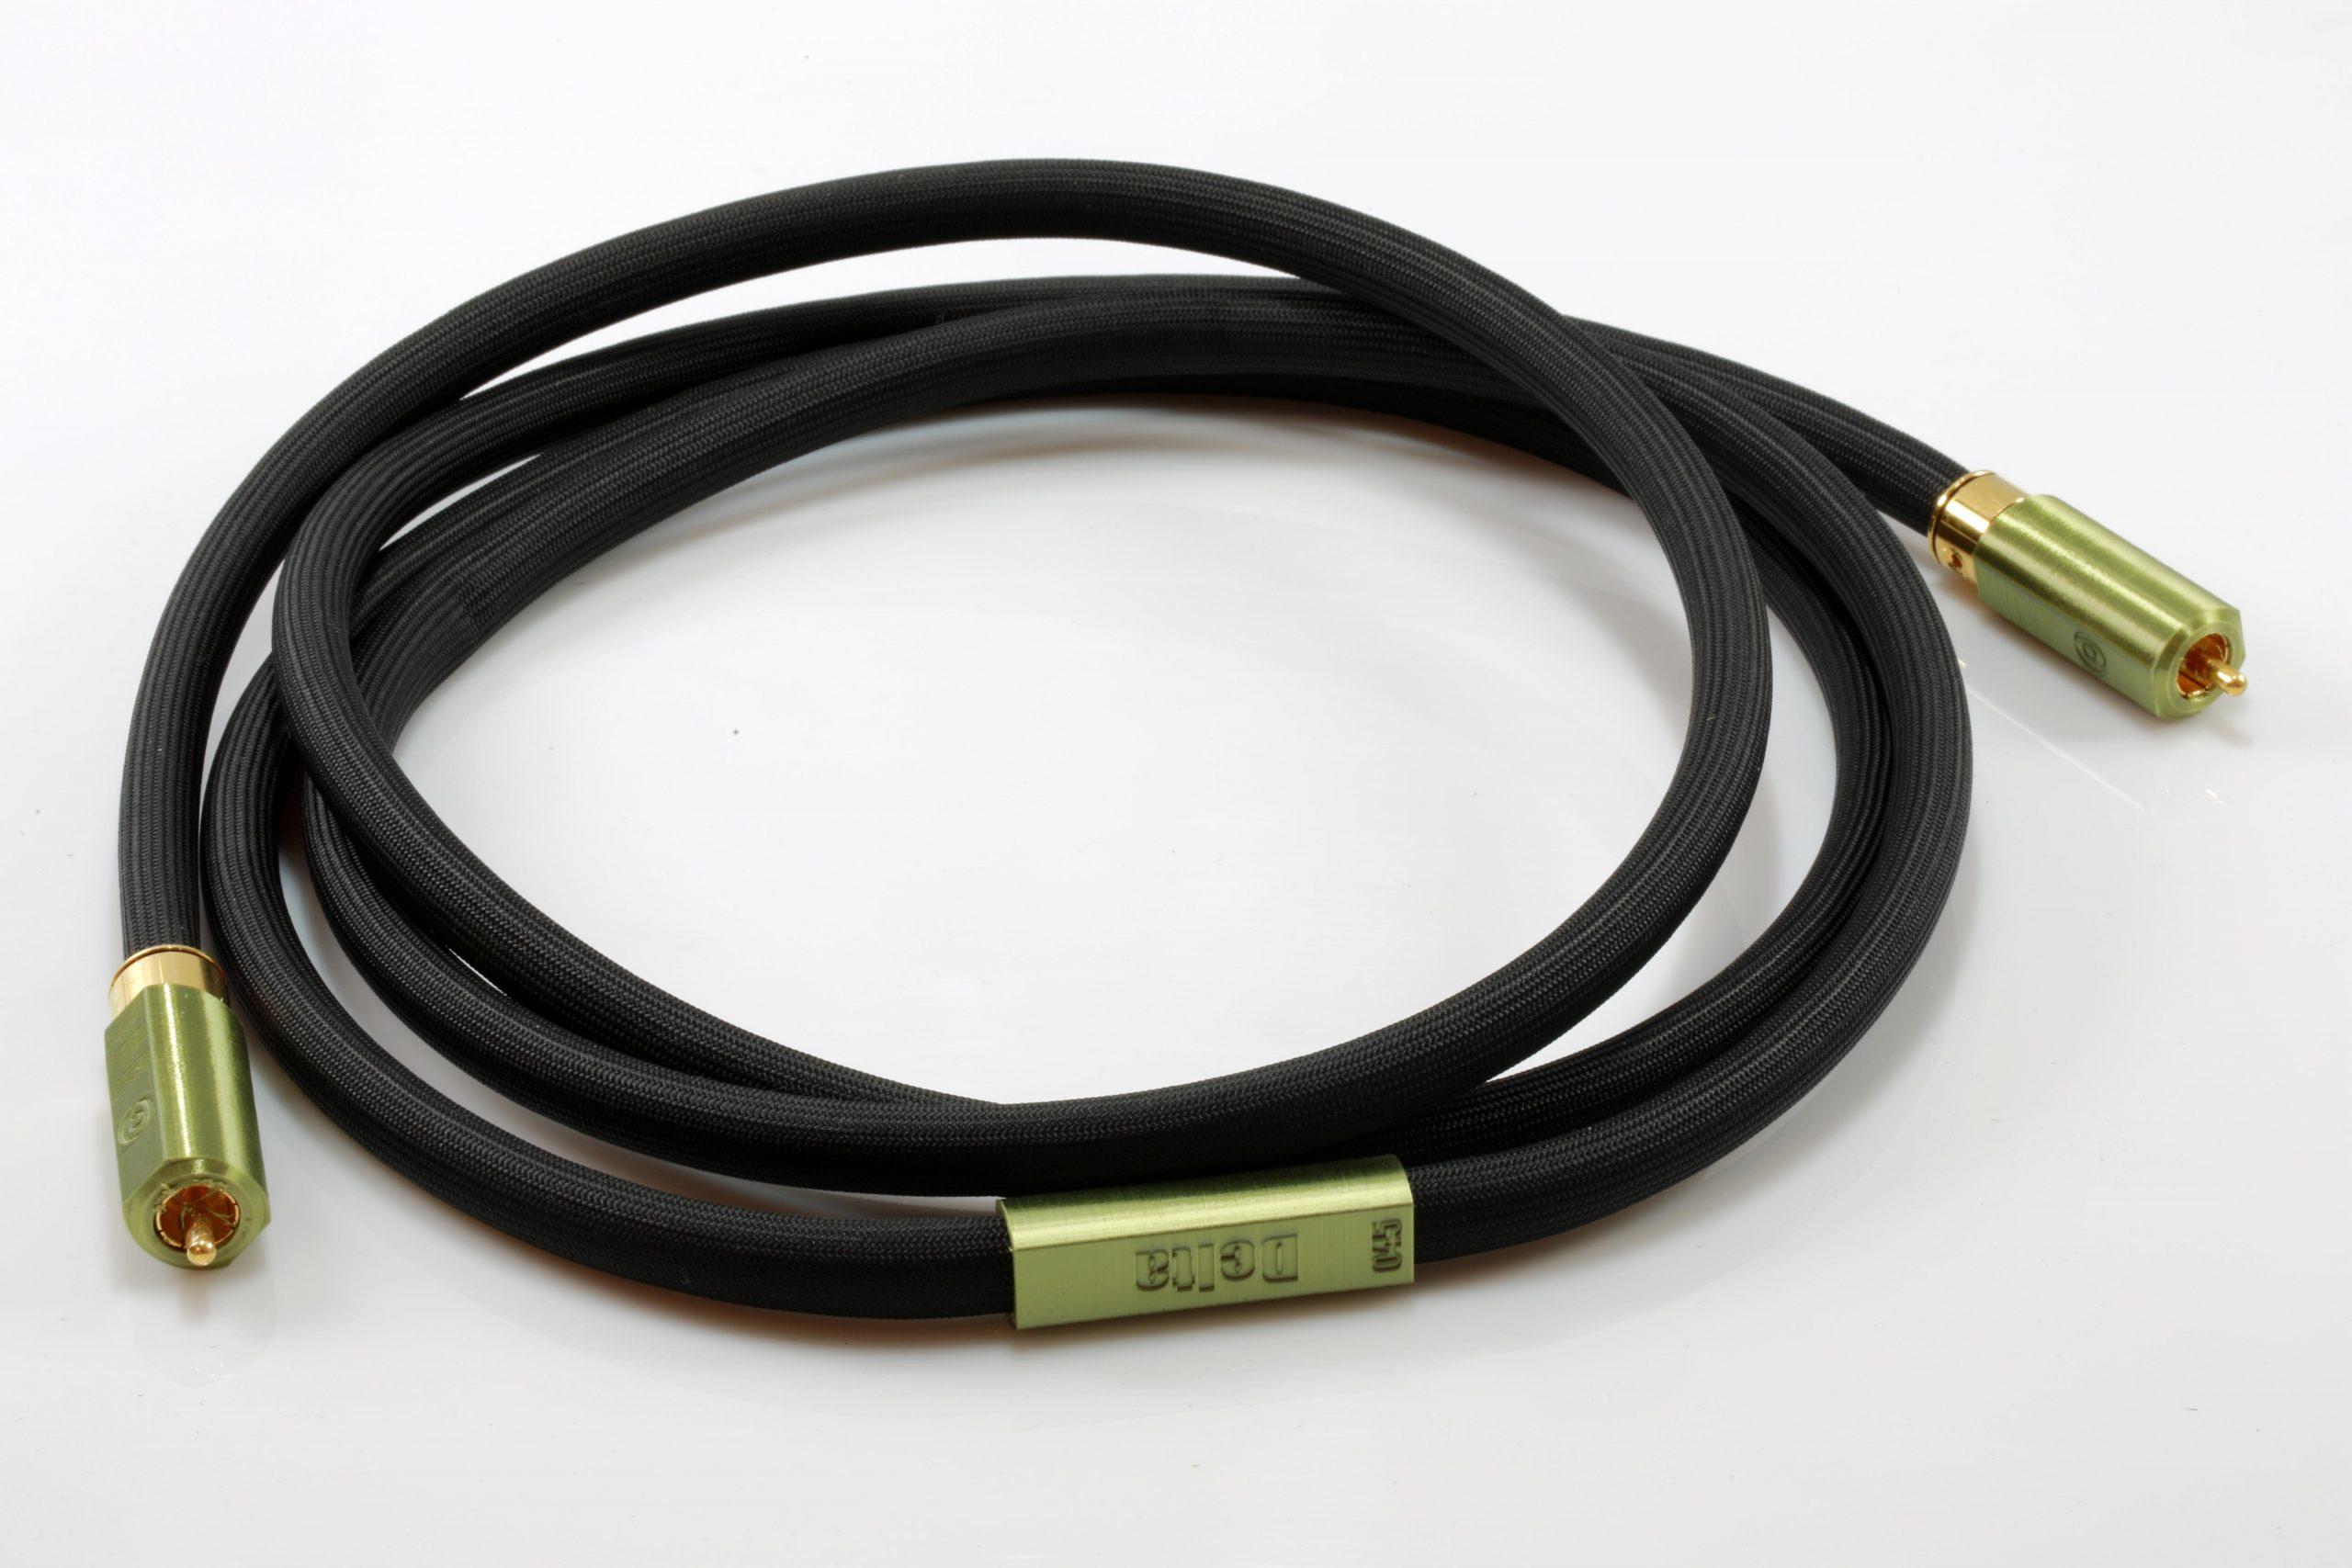 Delta modulation mono rca sub graves basses odeion cables